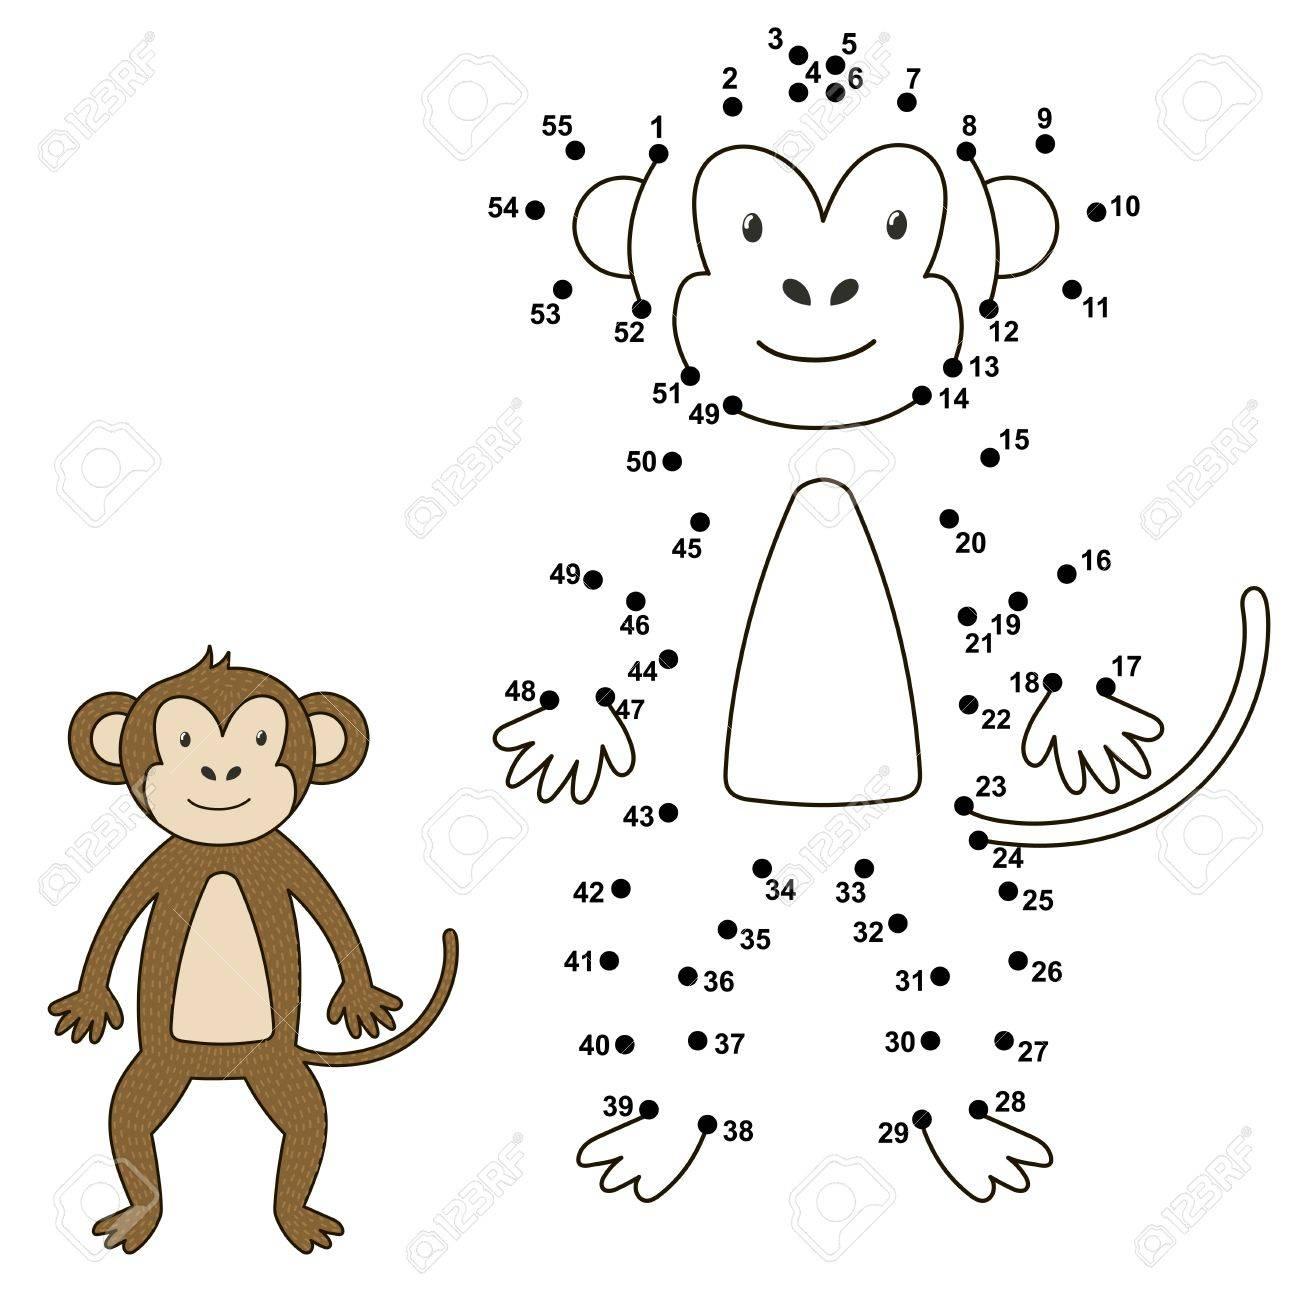 Verbinden Sie Die Punkte, Um Die Niedlichen Affen Zu Zeichnen Und ...